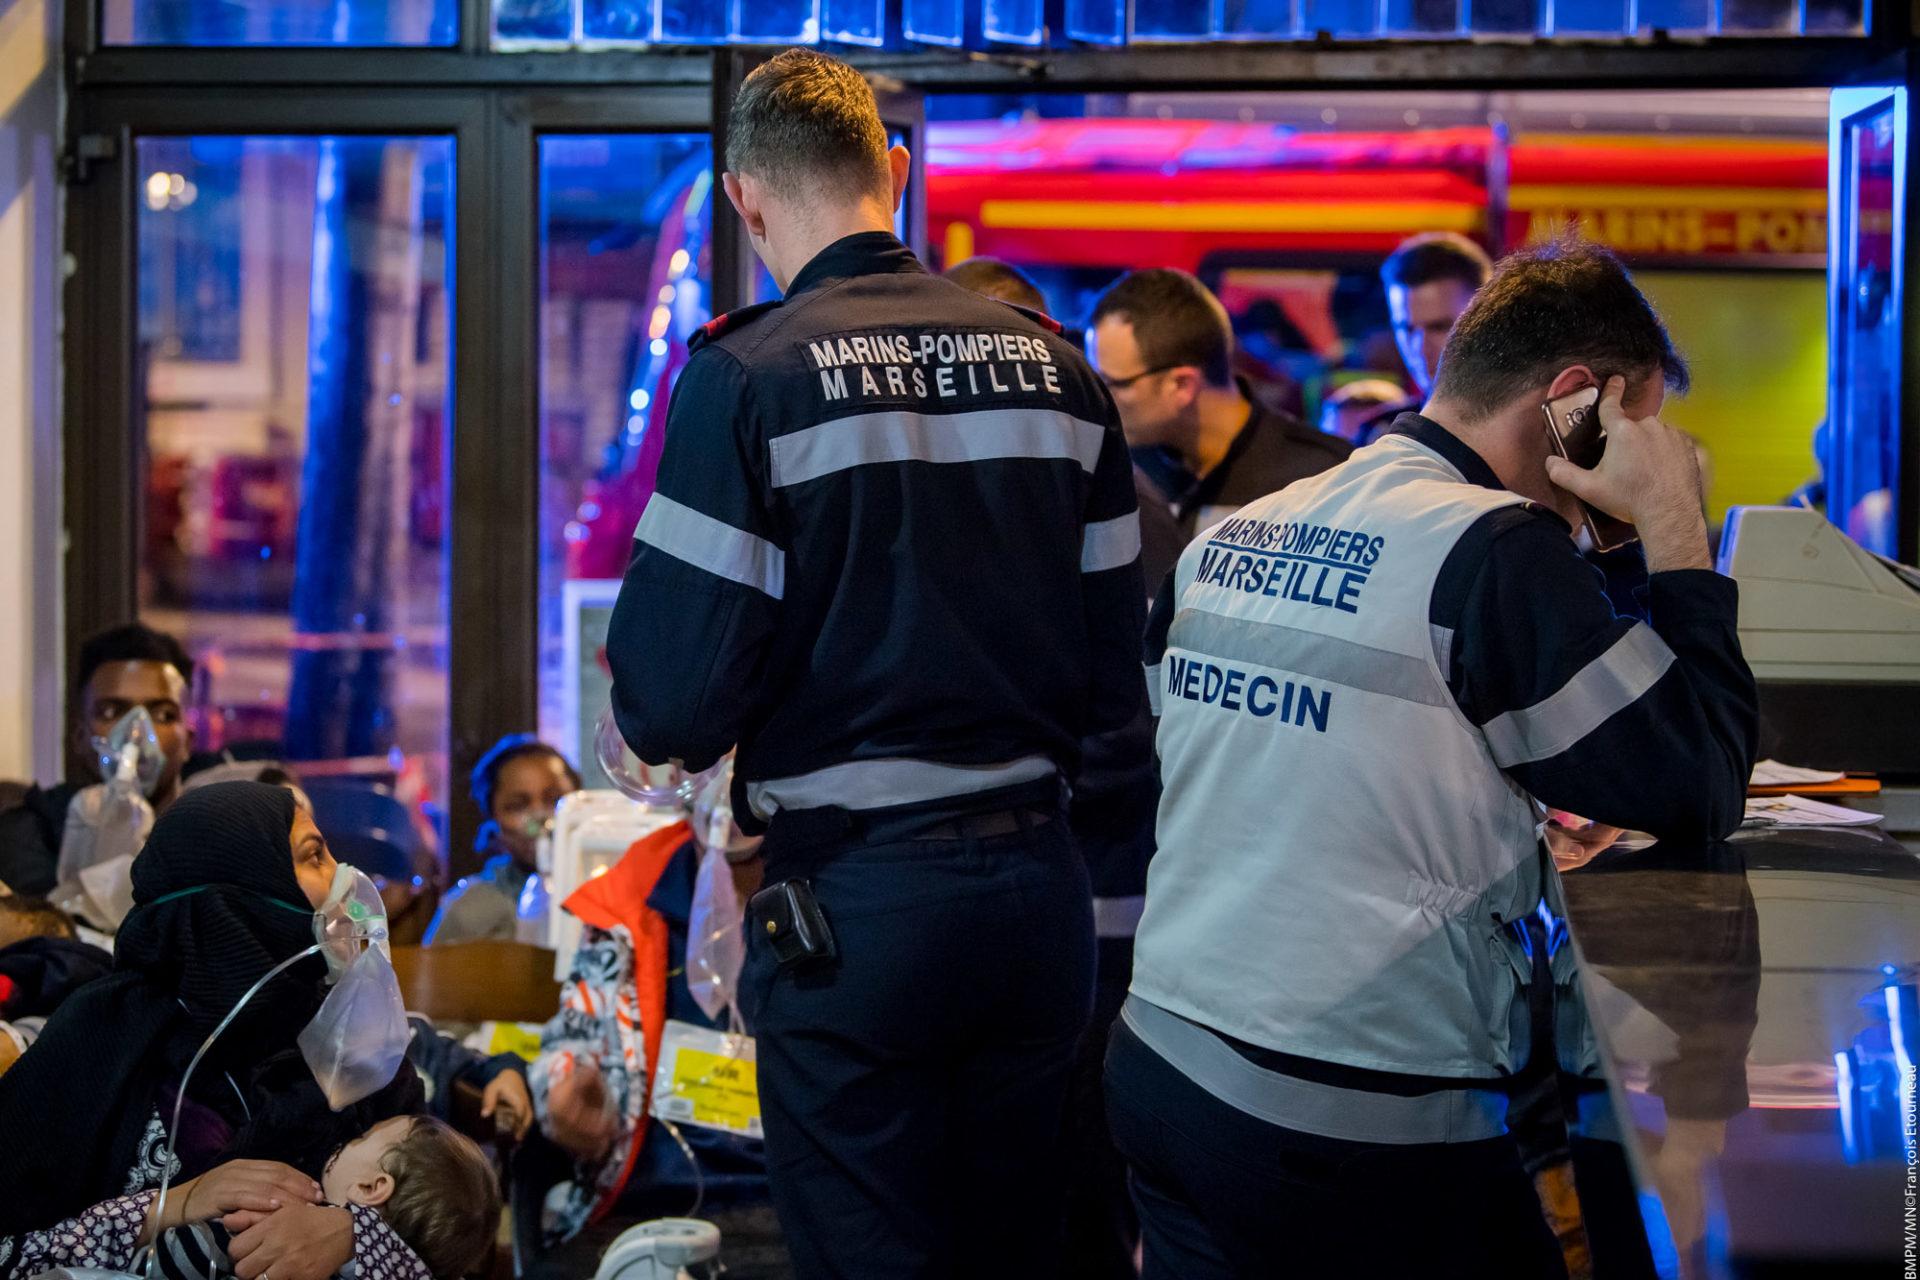 🇫🇷 Marseille (13) : Intoxication au monoxyde de carbone dans un hôtel